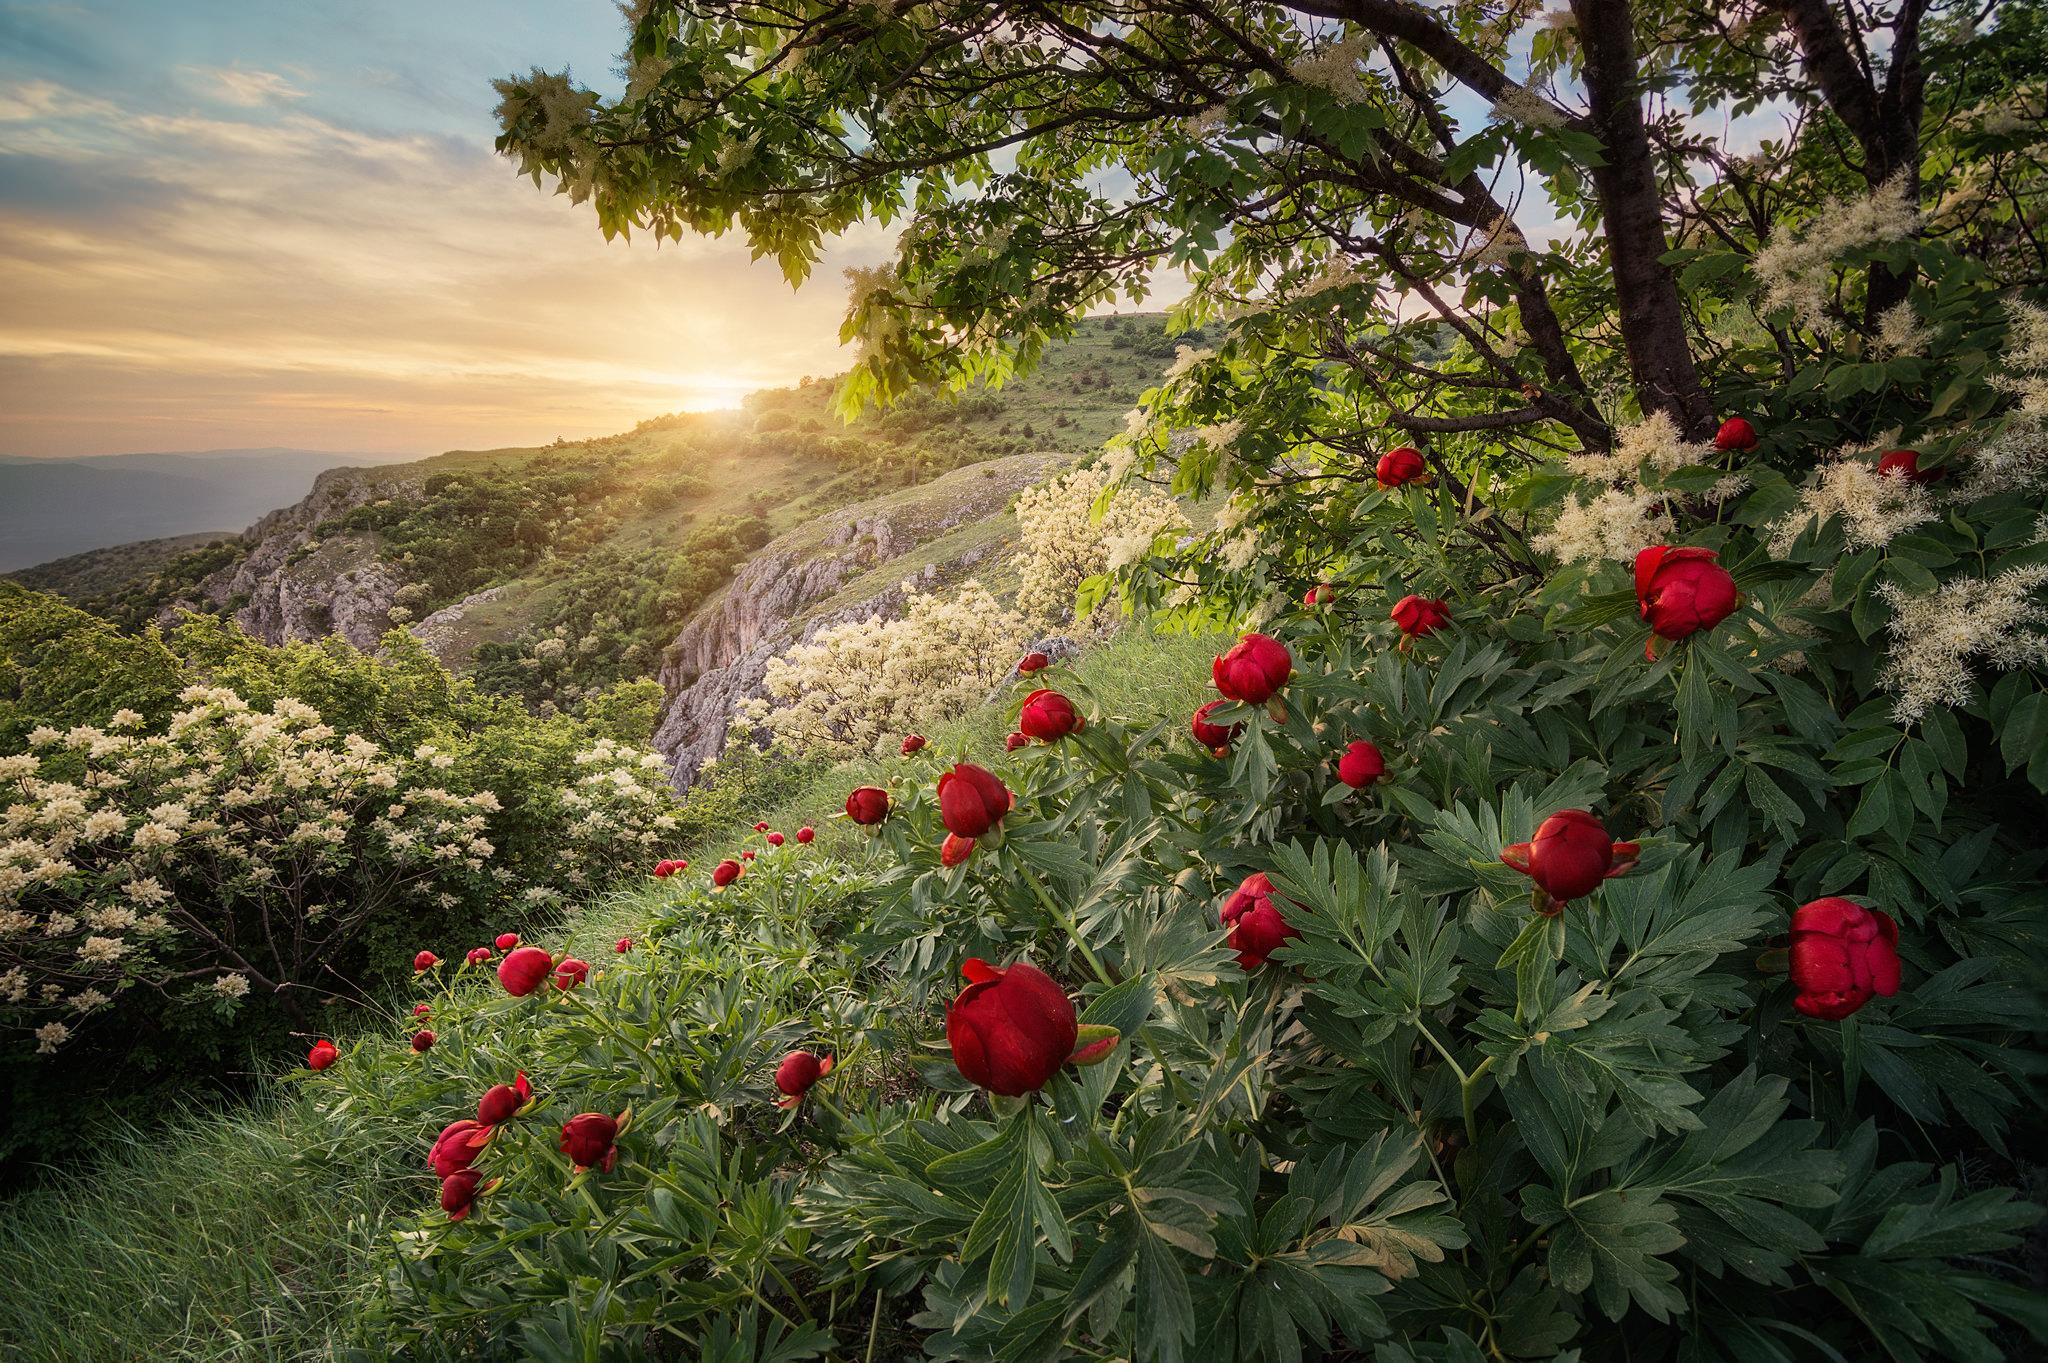 фото красивый розы в лес тонкими